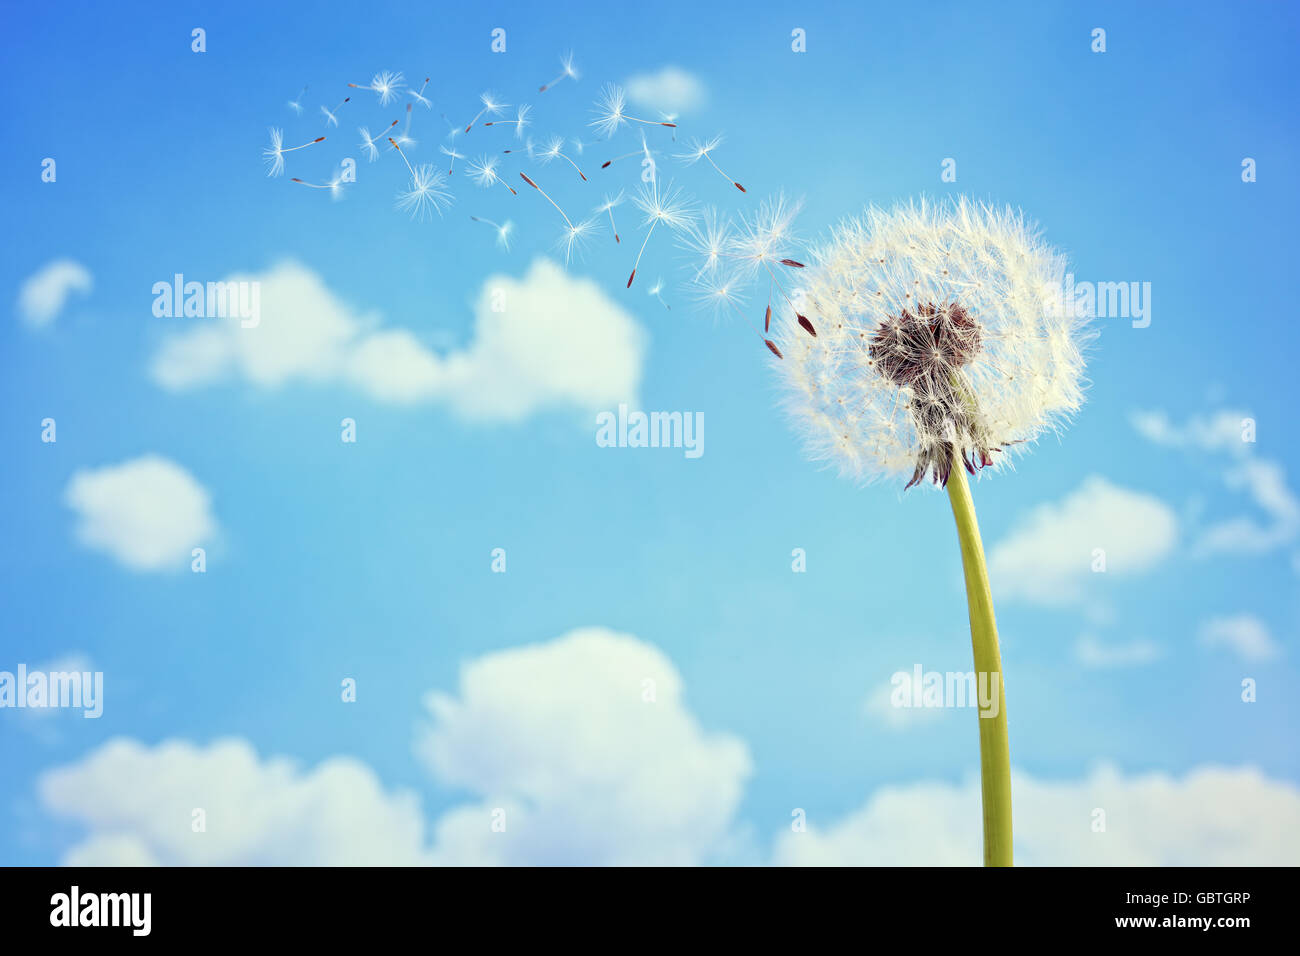 Avec les graines de pissenlit souffle loin dans le vent dans un ciel bleu clair avec copie espace Photo Stock